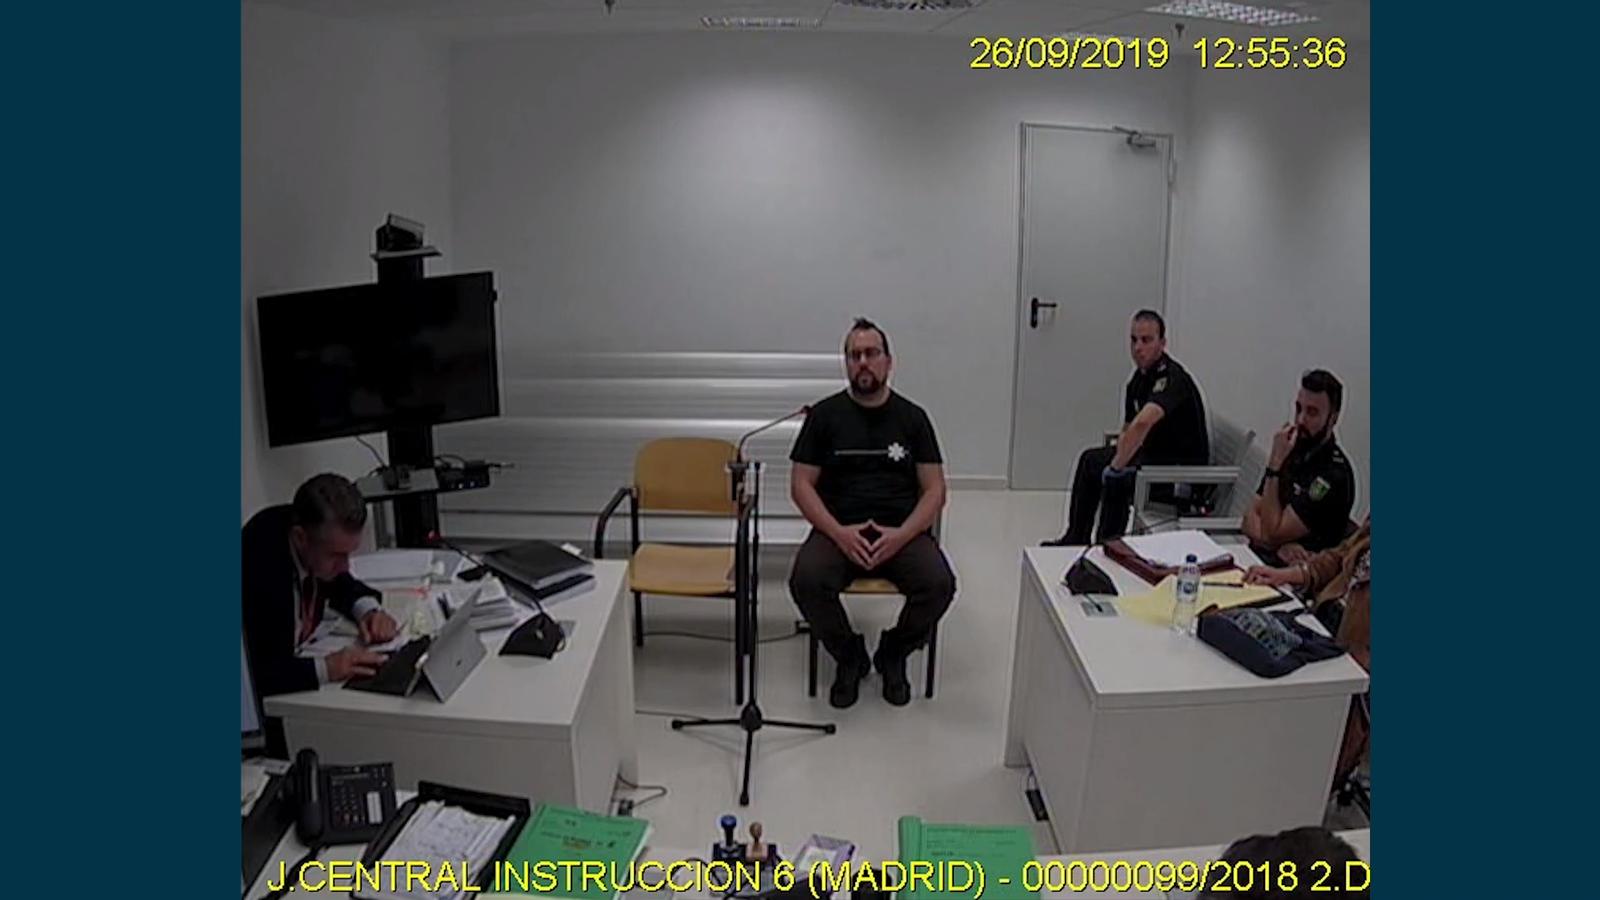 Un dels membres de CDR empresonat, Ferran Jolis, parla del pla d'ocupar el Parlament